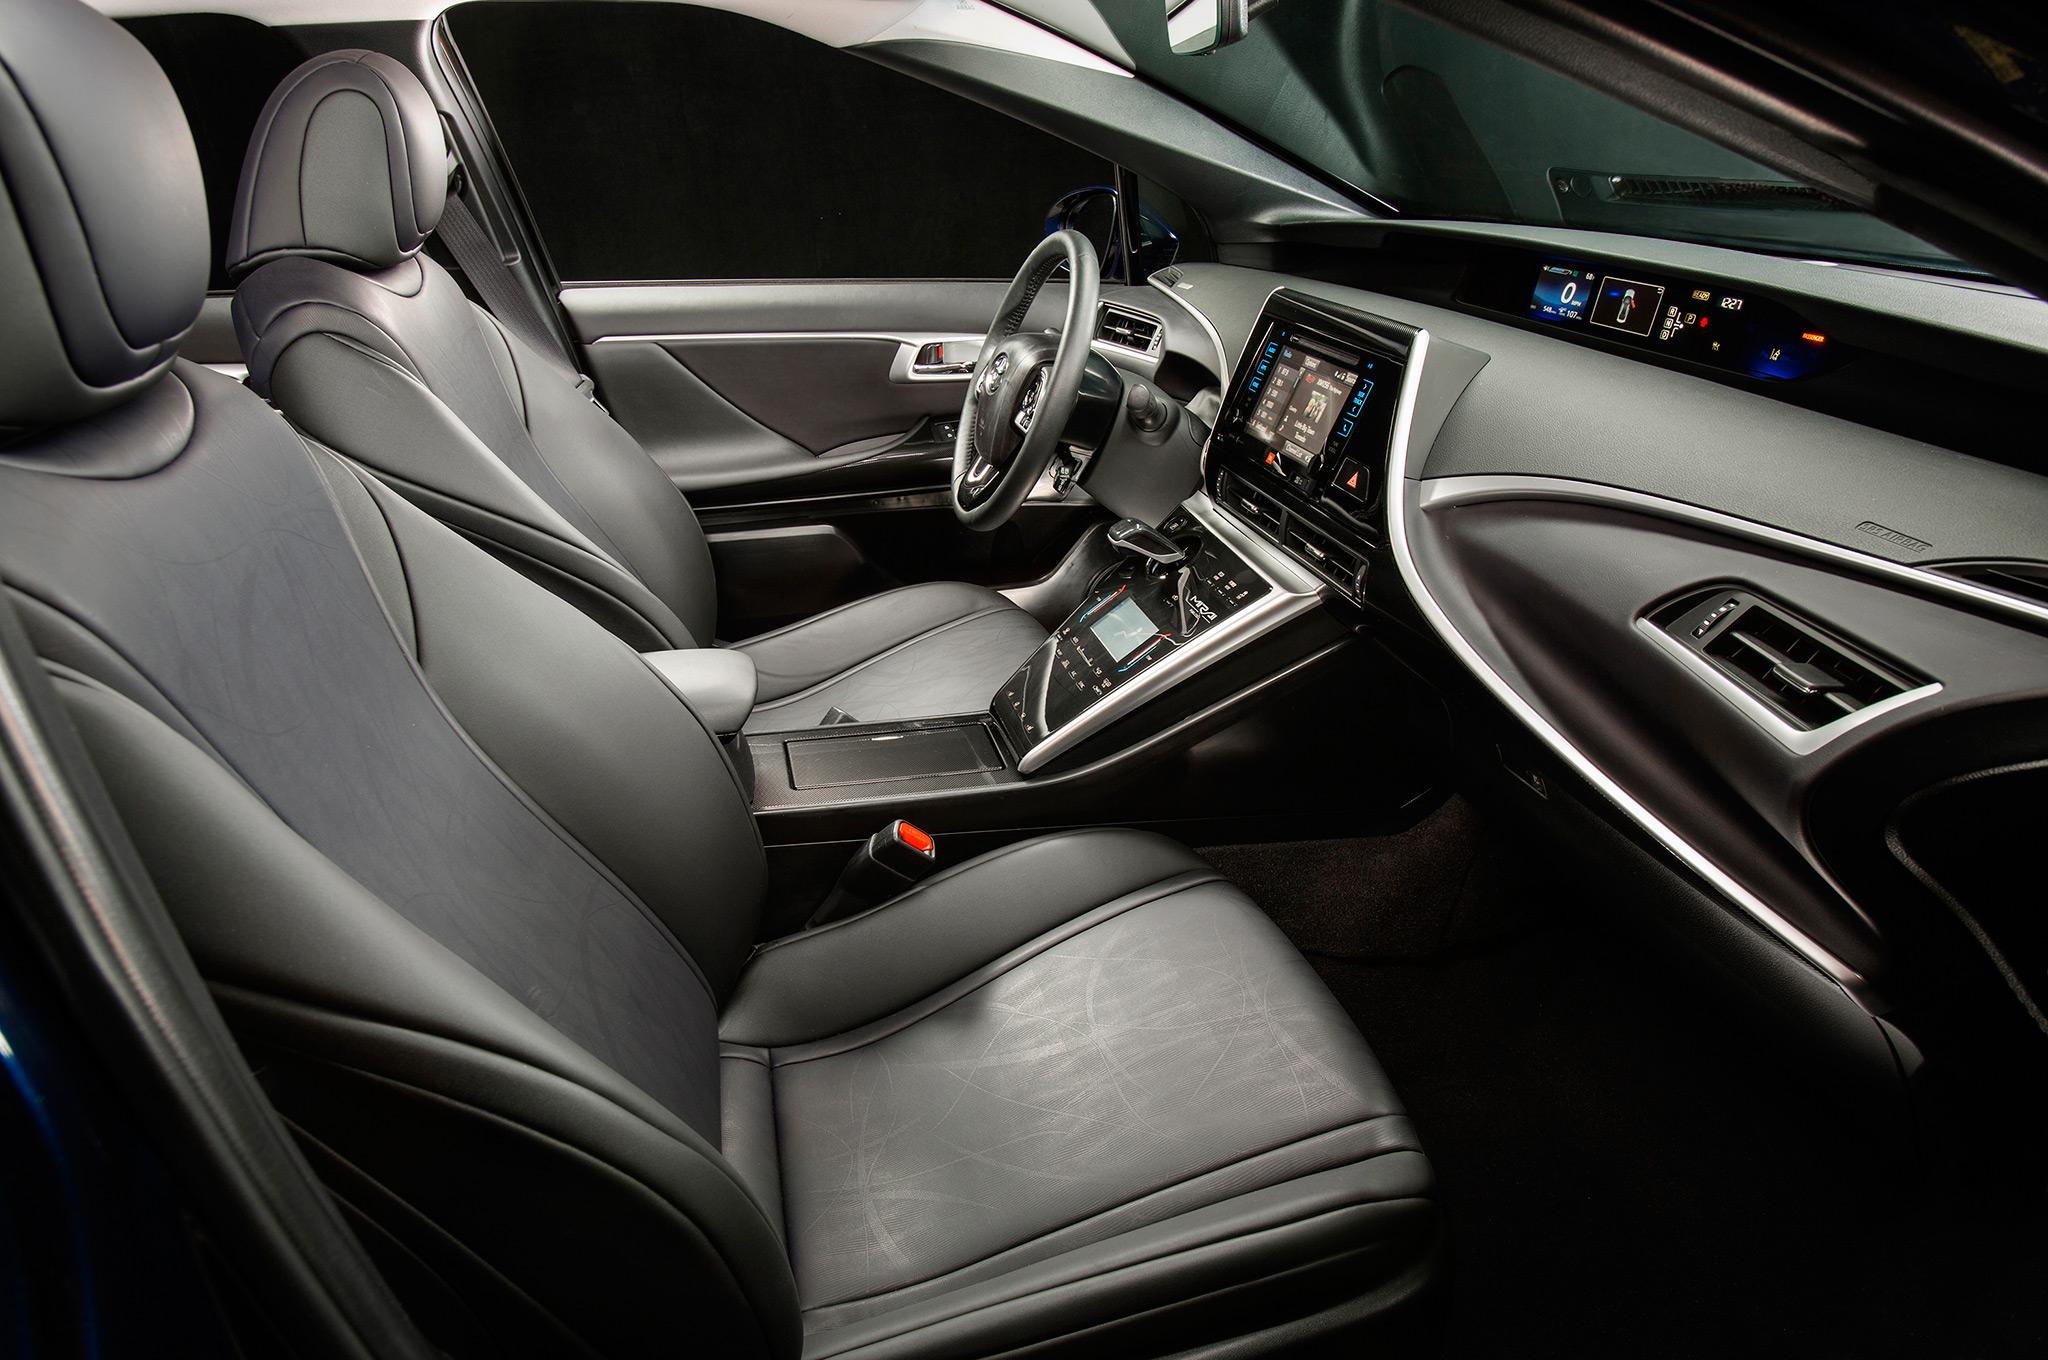 2018 toyota mirai. 2018 Toyota Mirai Interior